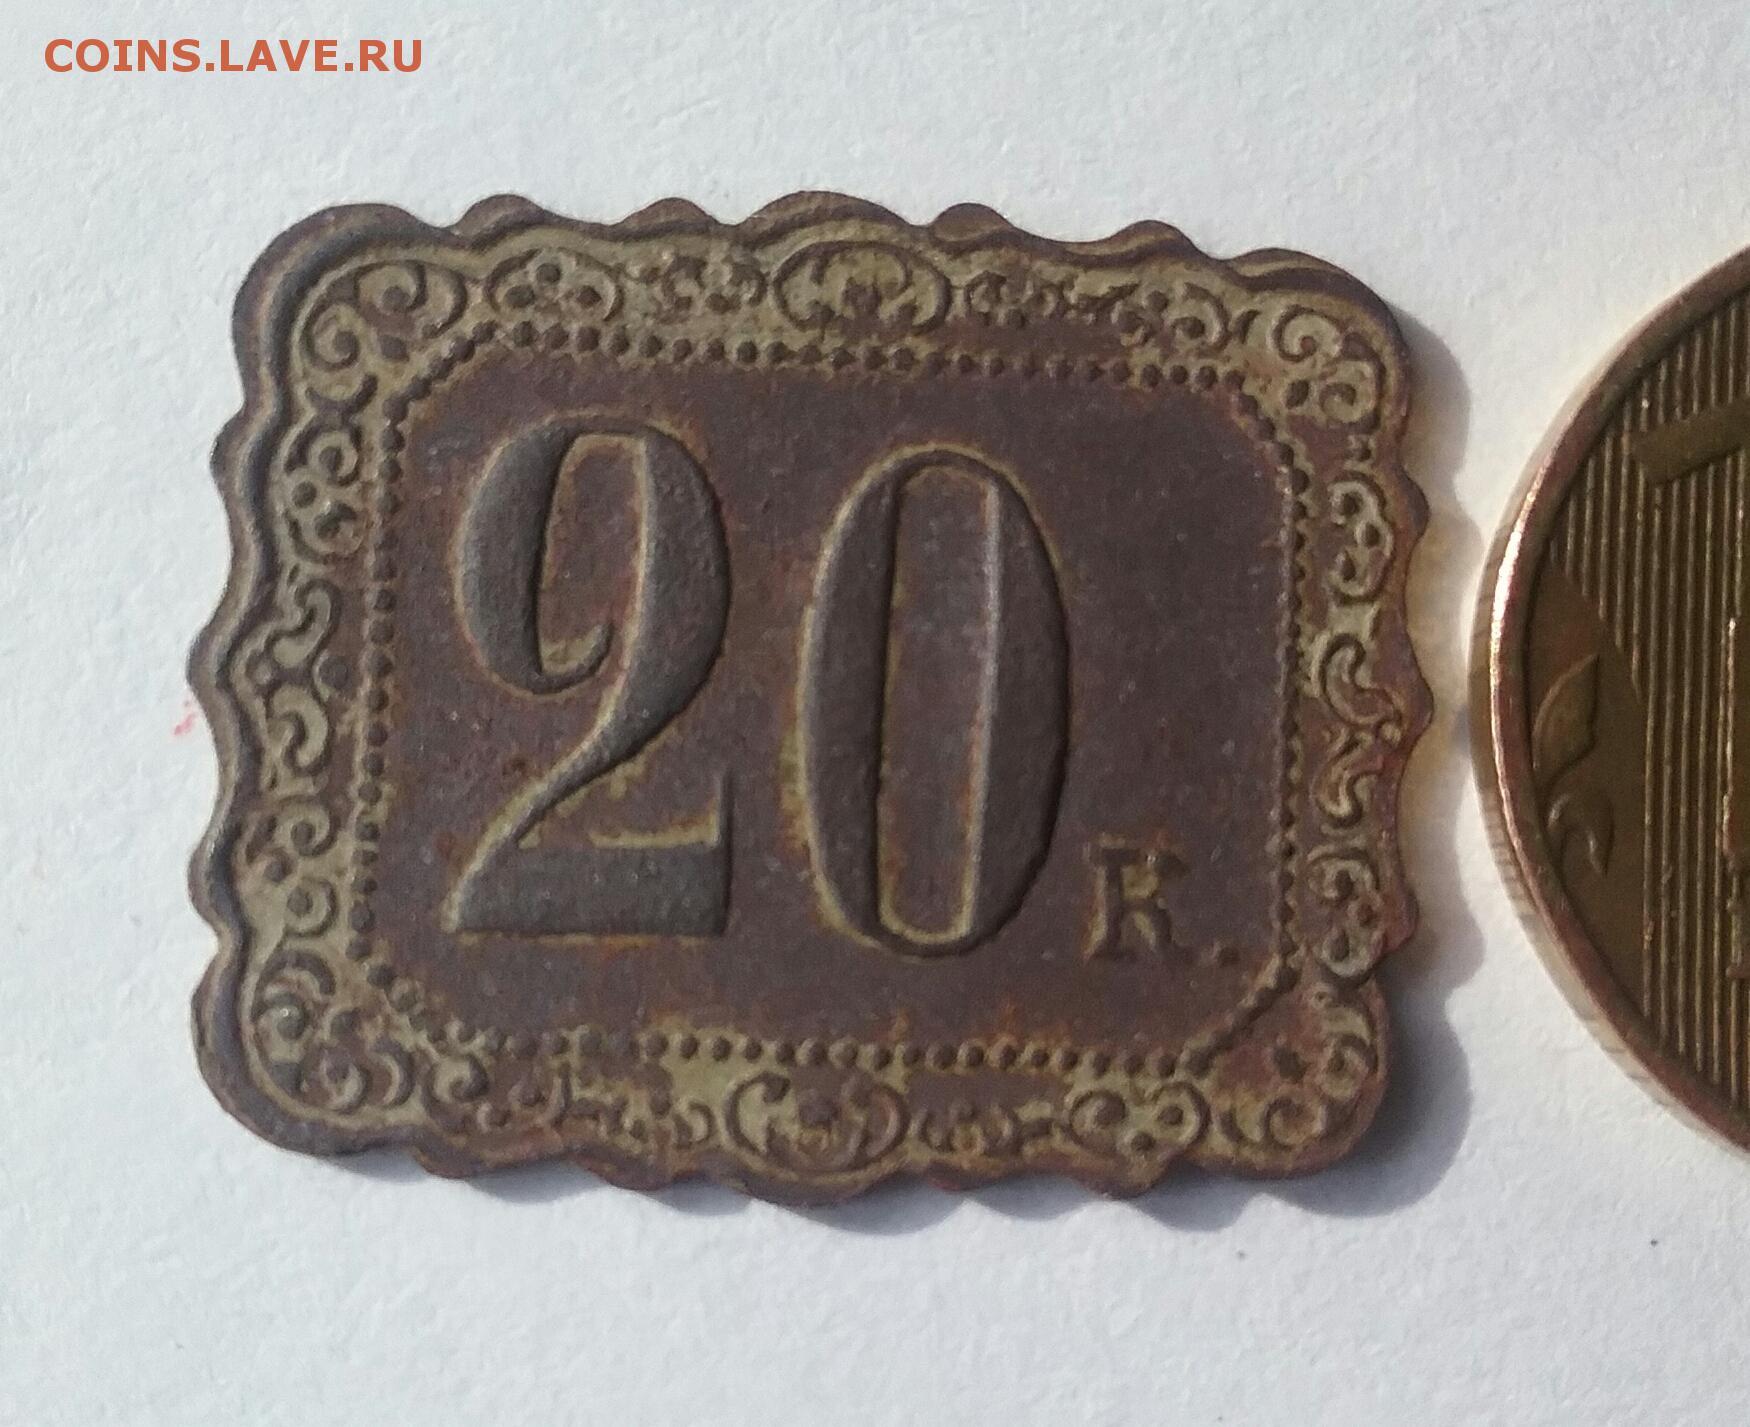 Трактирный жетон 20 коп. до 02.06.16 - монеты россии и ссср.